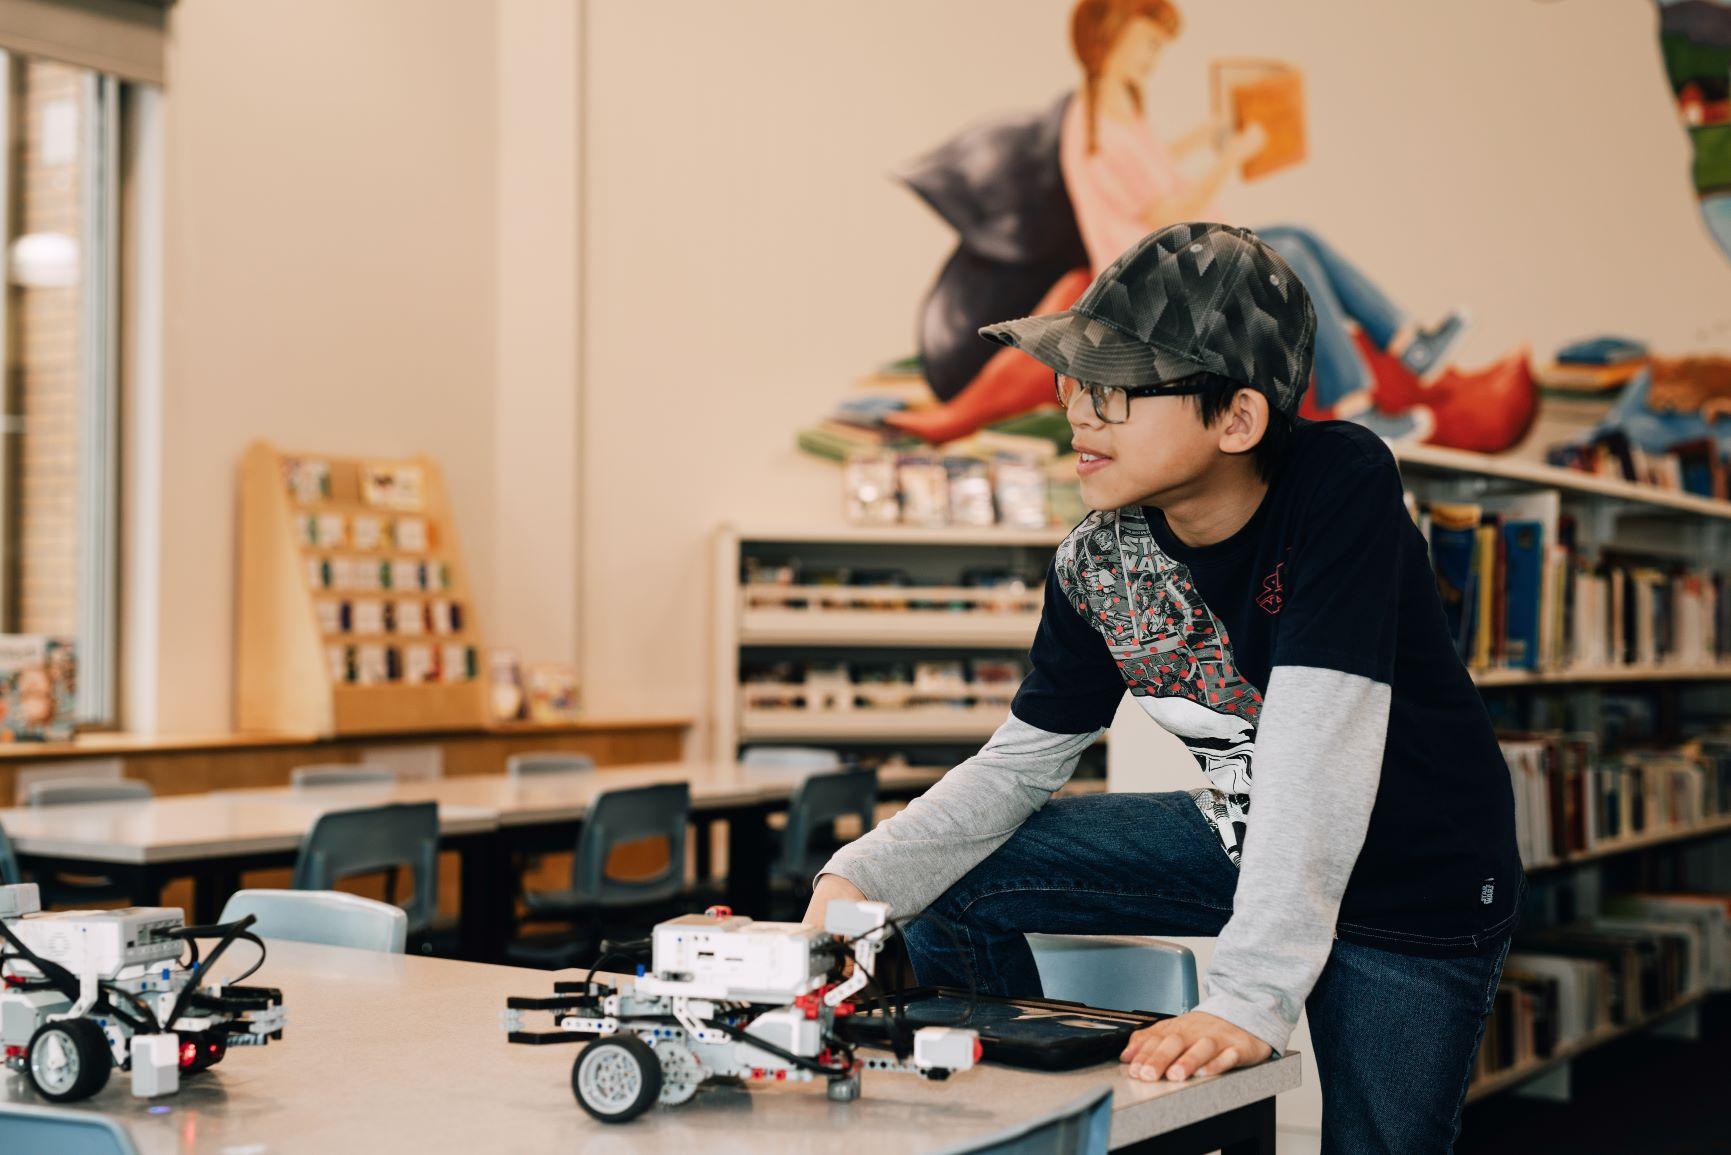 Les 8 à 12 ans sont invités à participer à la création d'un instrument sonore électronique la bibliothèque Charles-Édouard-Mailhot pendant les Journées de la culture qui se déroulent du 27 au 29 septembre 2019.